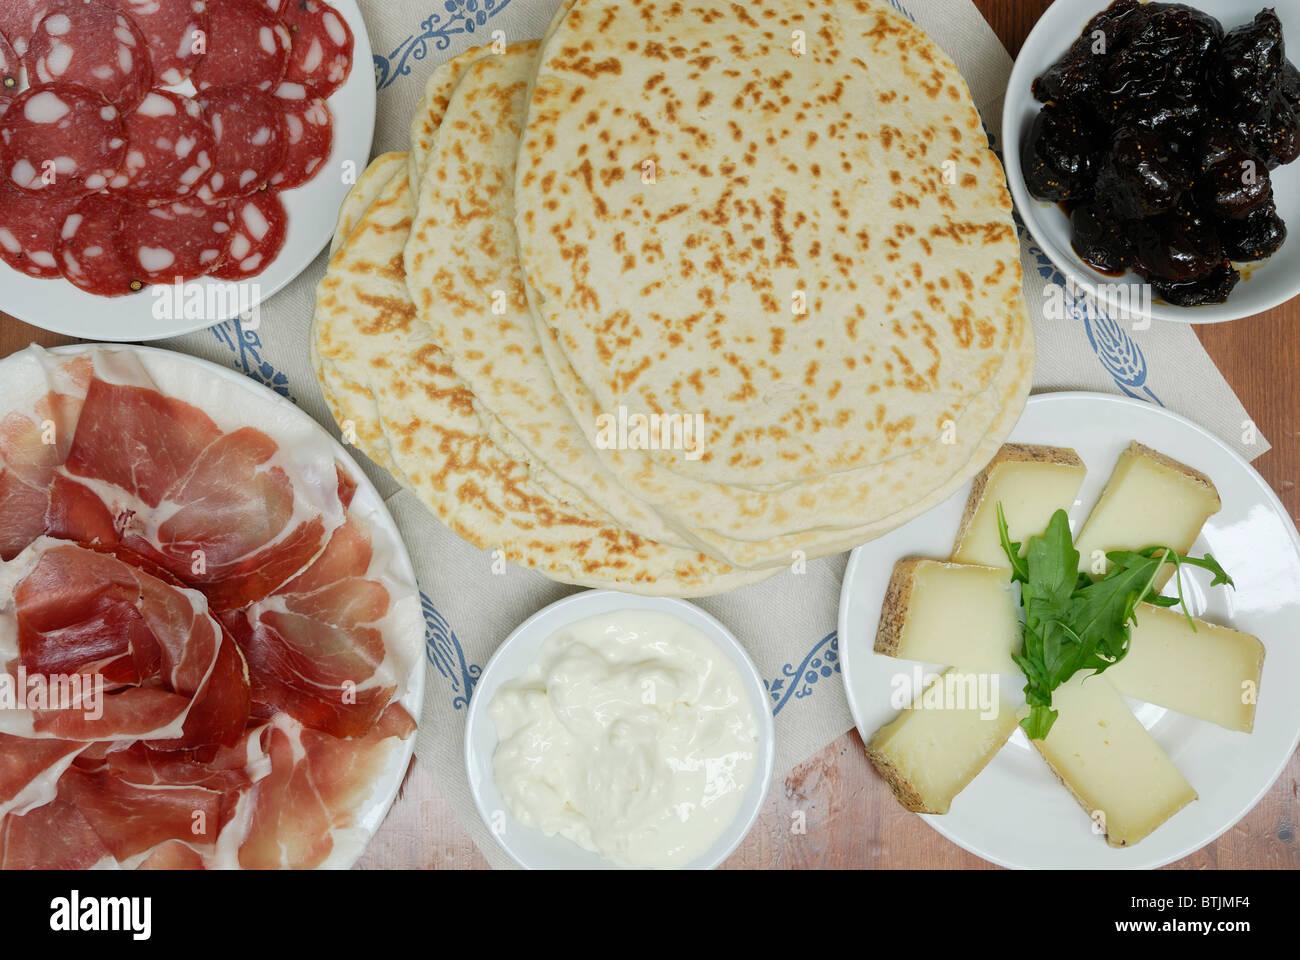 Ravenne. L'Italie. Piadine et une sélection de produits régionaux (voir description) Photo Stock